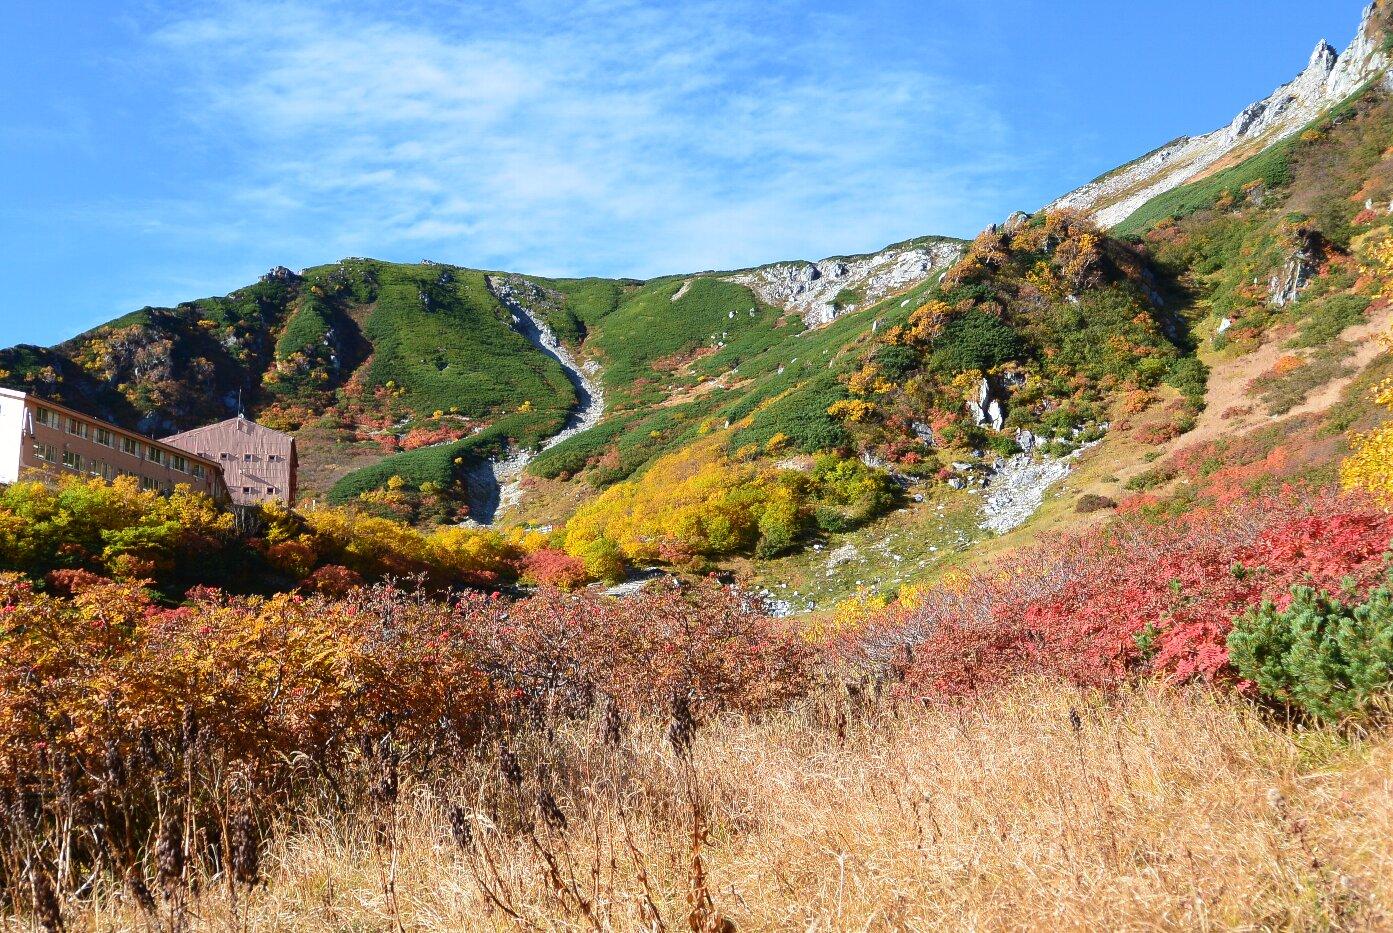 今年の秋は駒ケ岳から_b0115553_109183.jpg